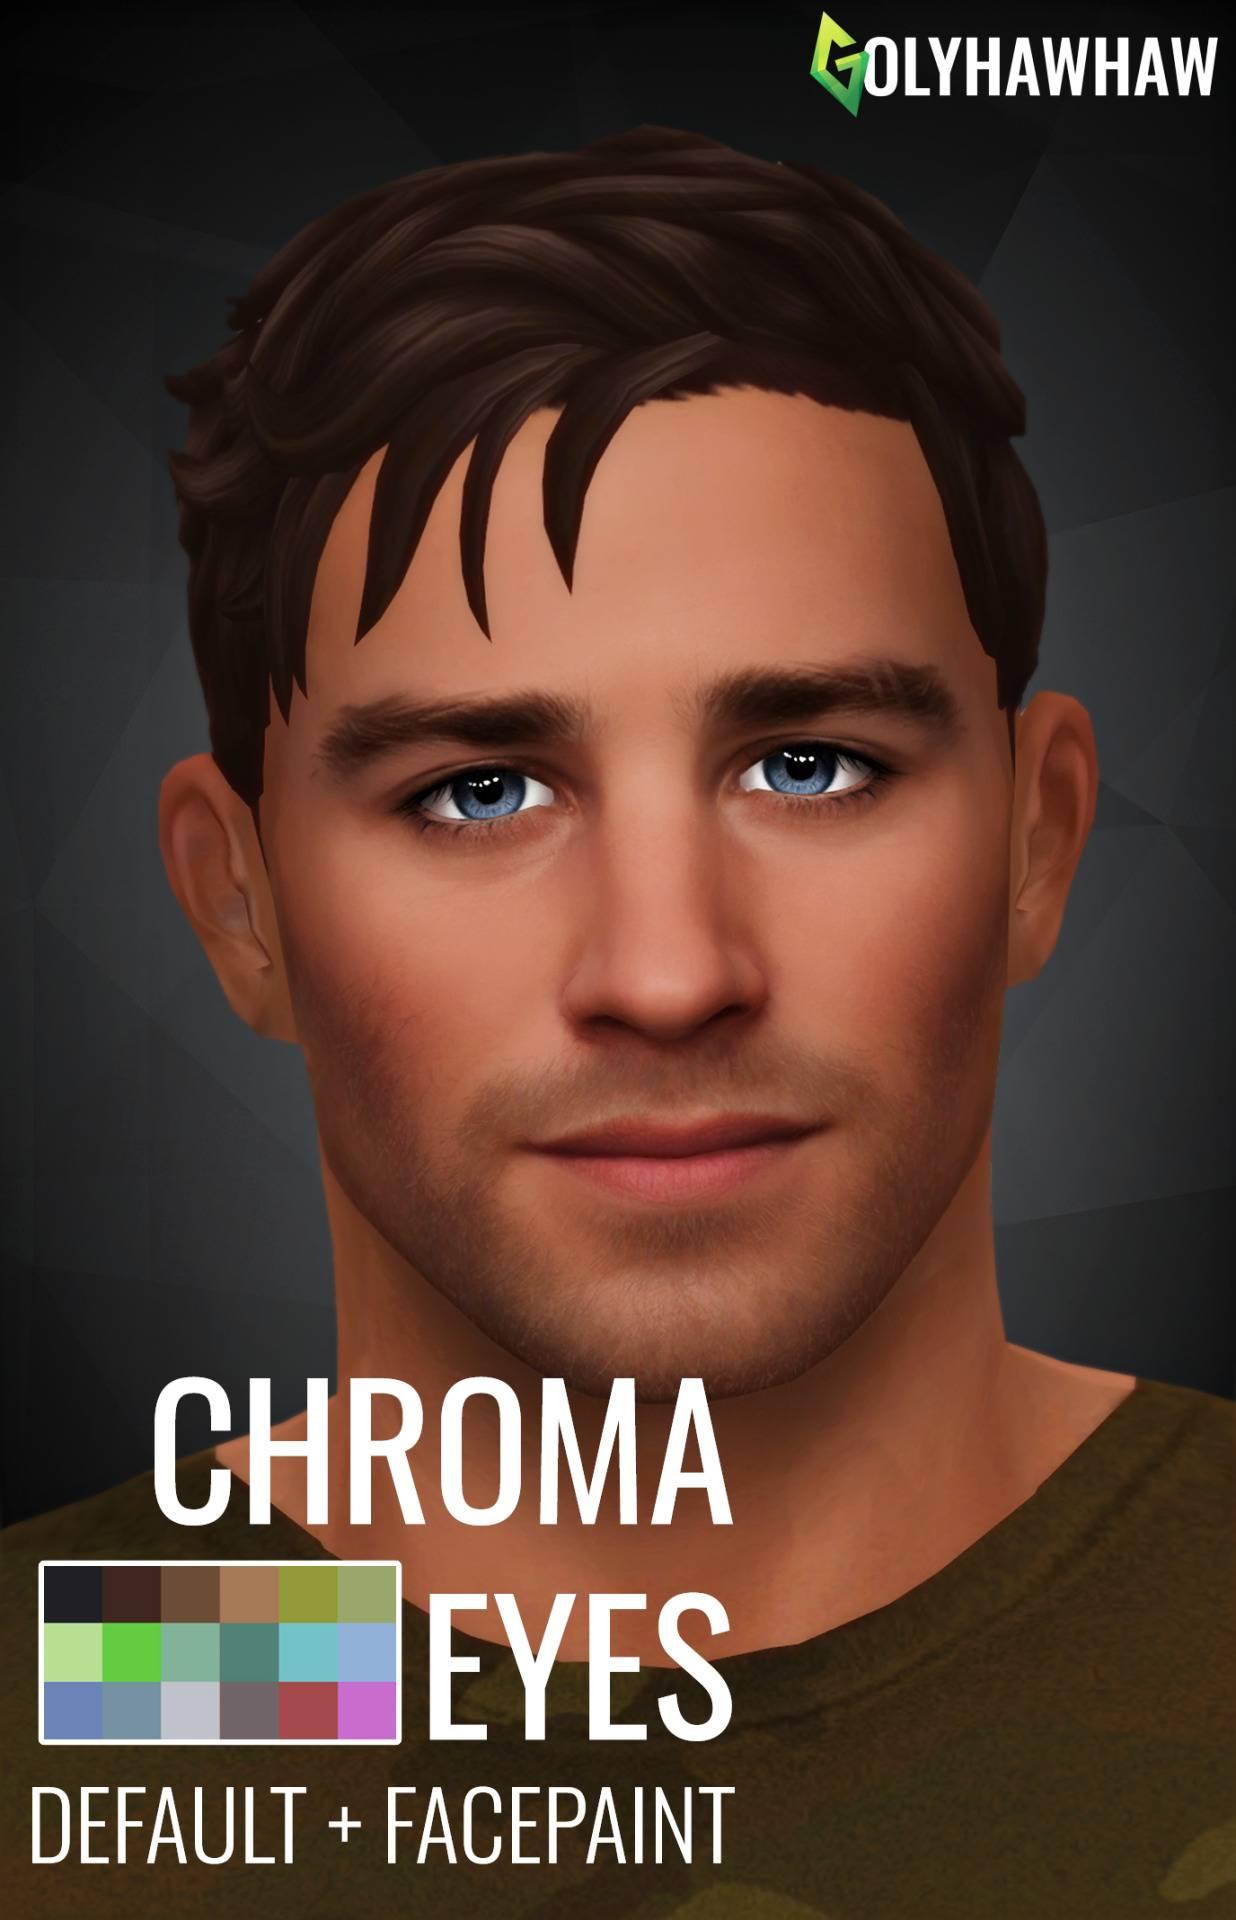 Глаза и линзы - CHROMA EYES